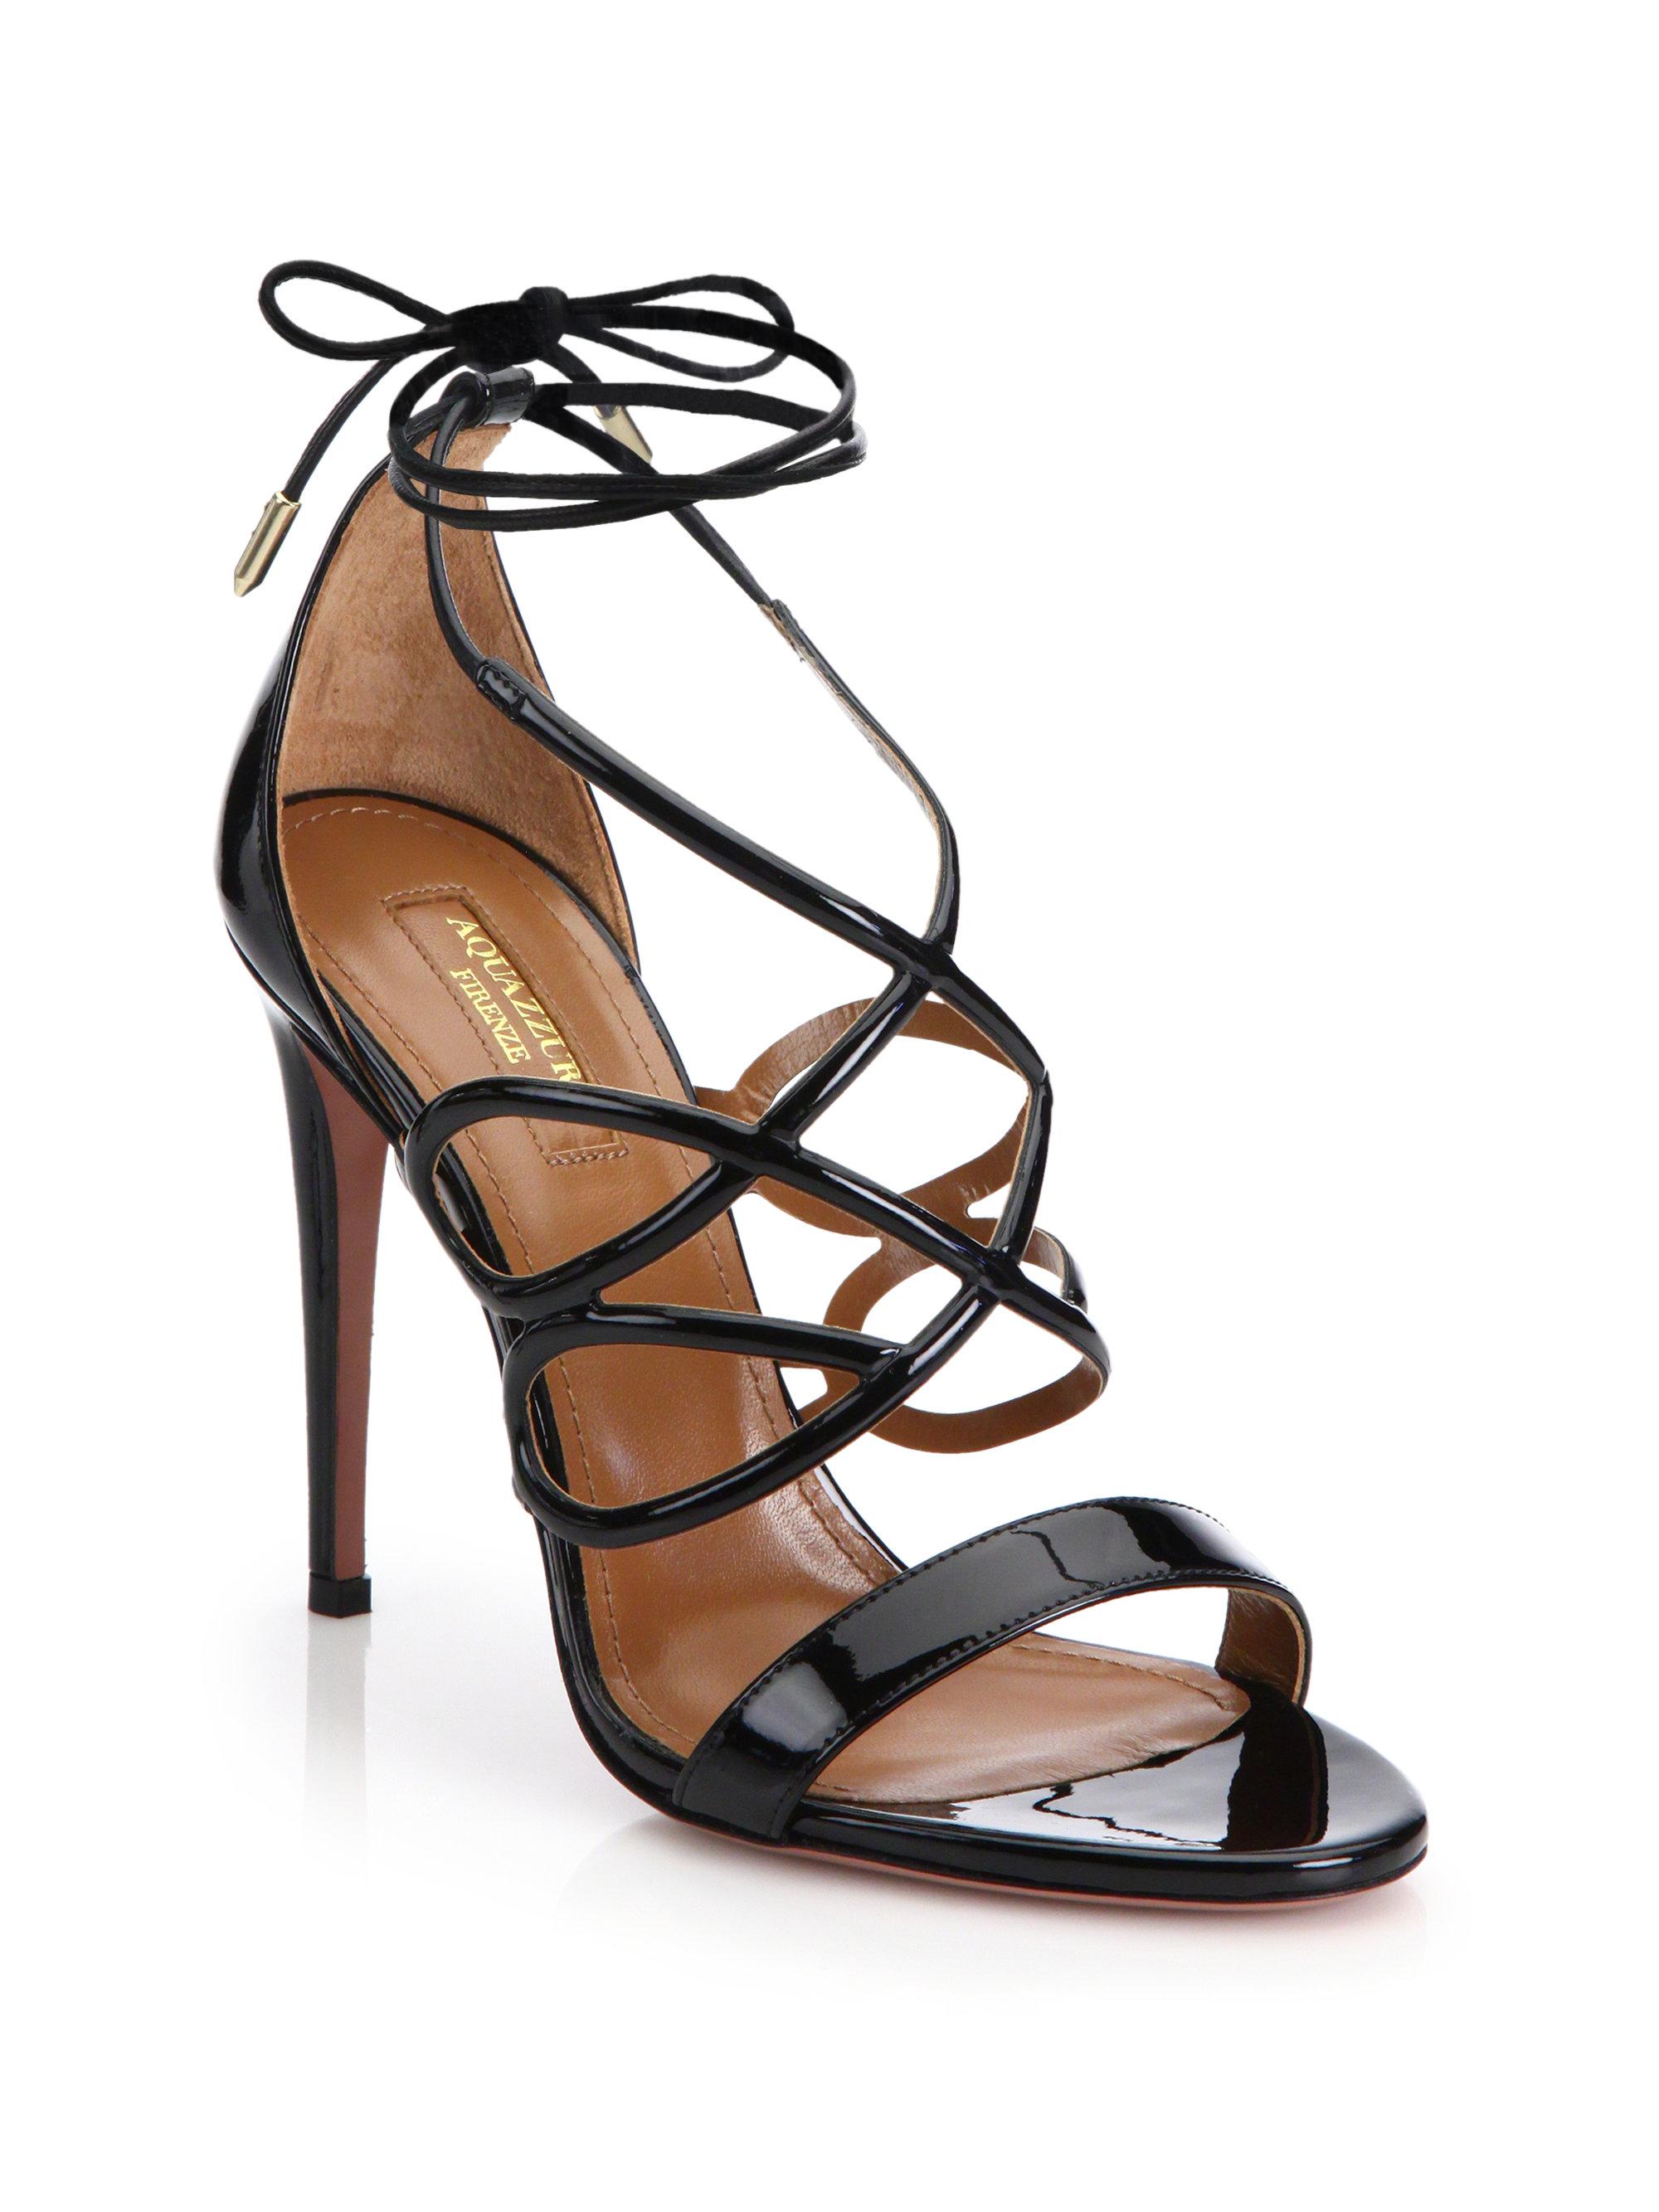 Lyst Aquazzura Gigi Patent Leather Sandals In Black